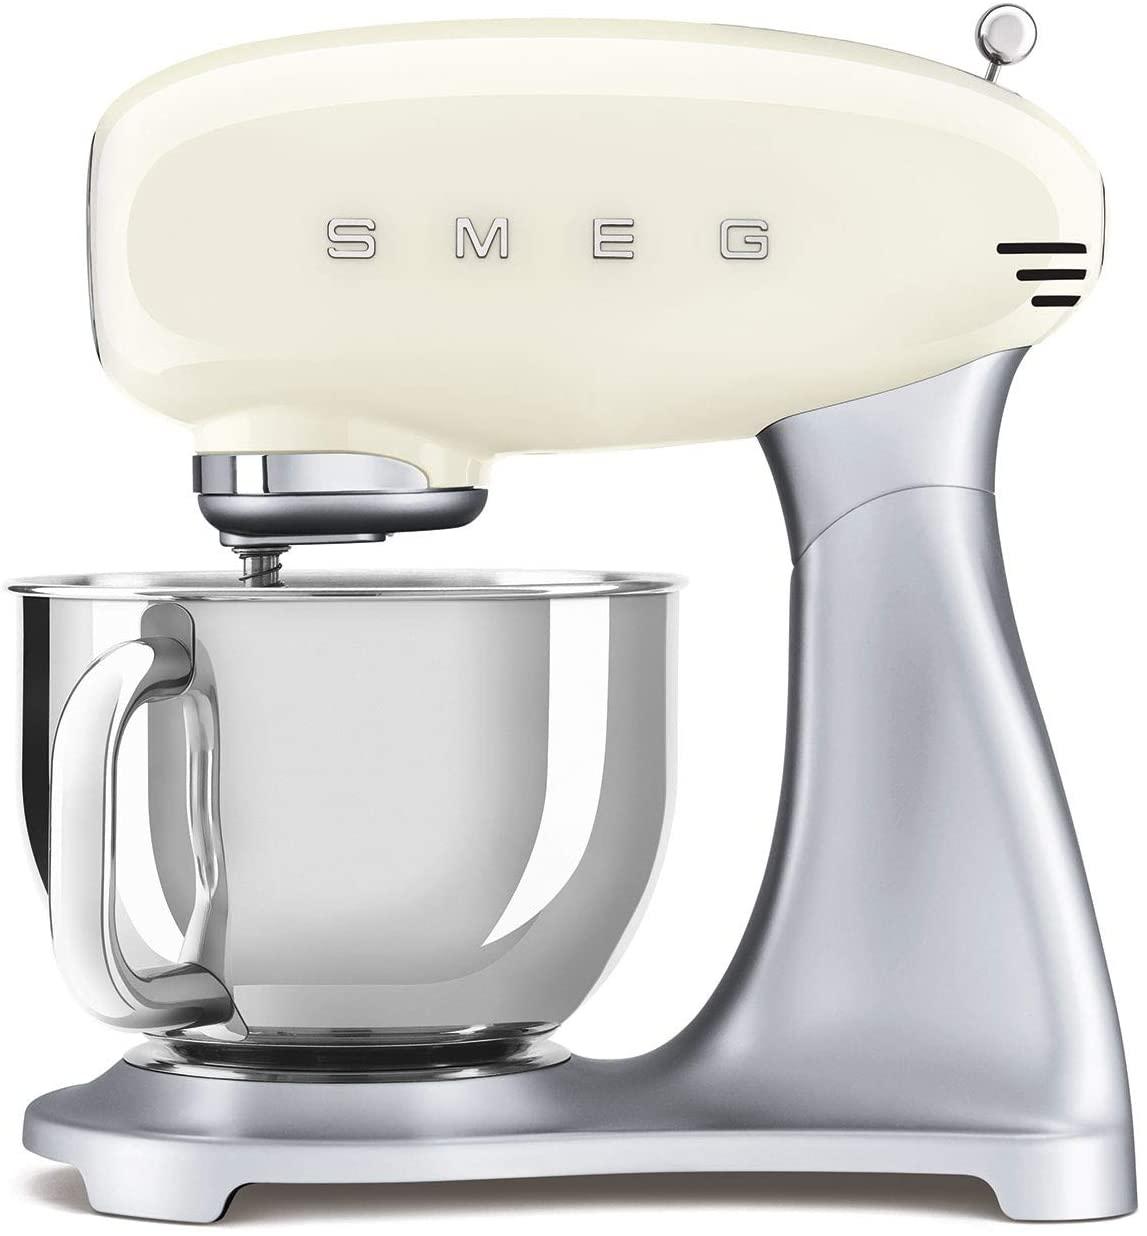 Retro Küchenmaschine von SMEG kaufen